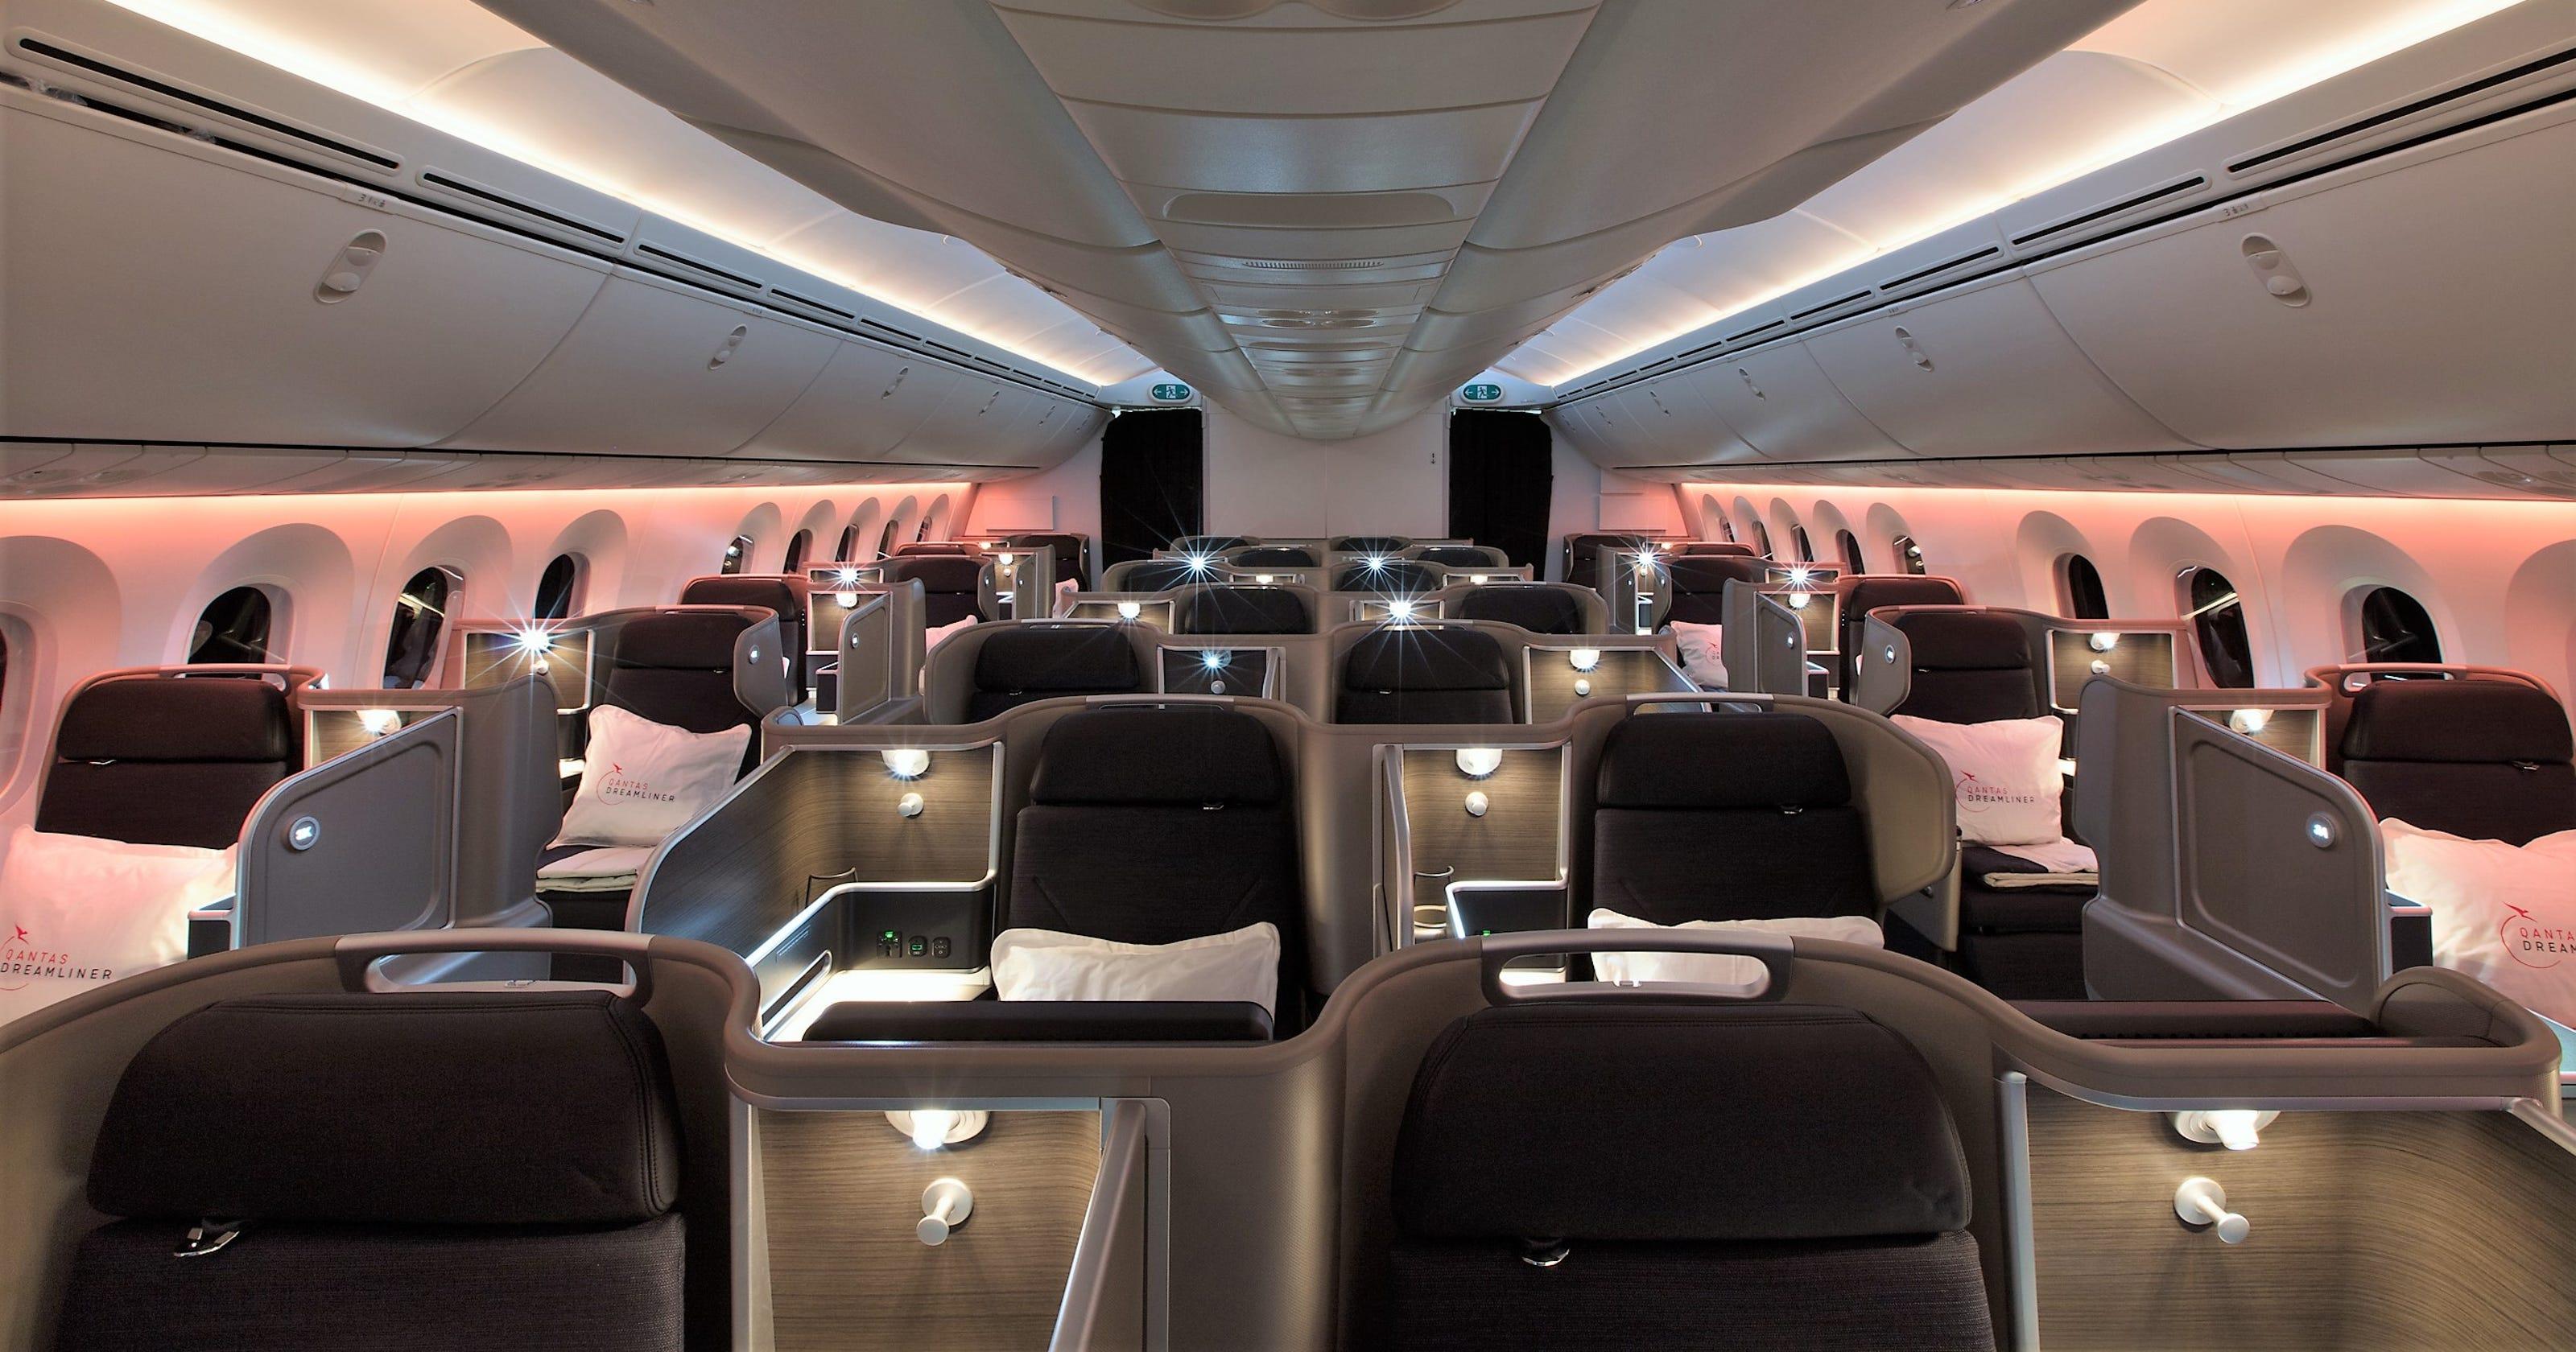 Qantas unveils its first 787 9 dreamliner publicscrutiny Images